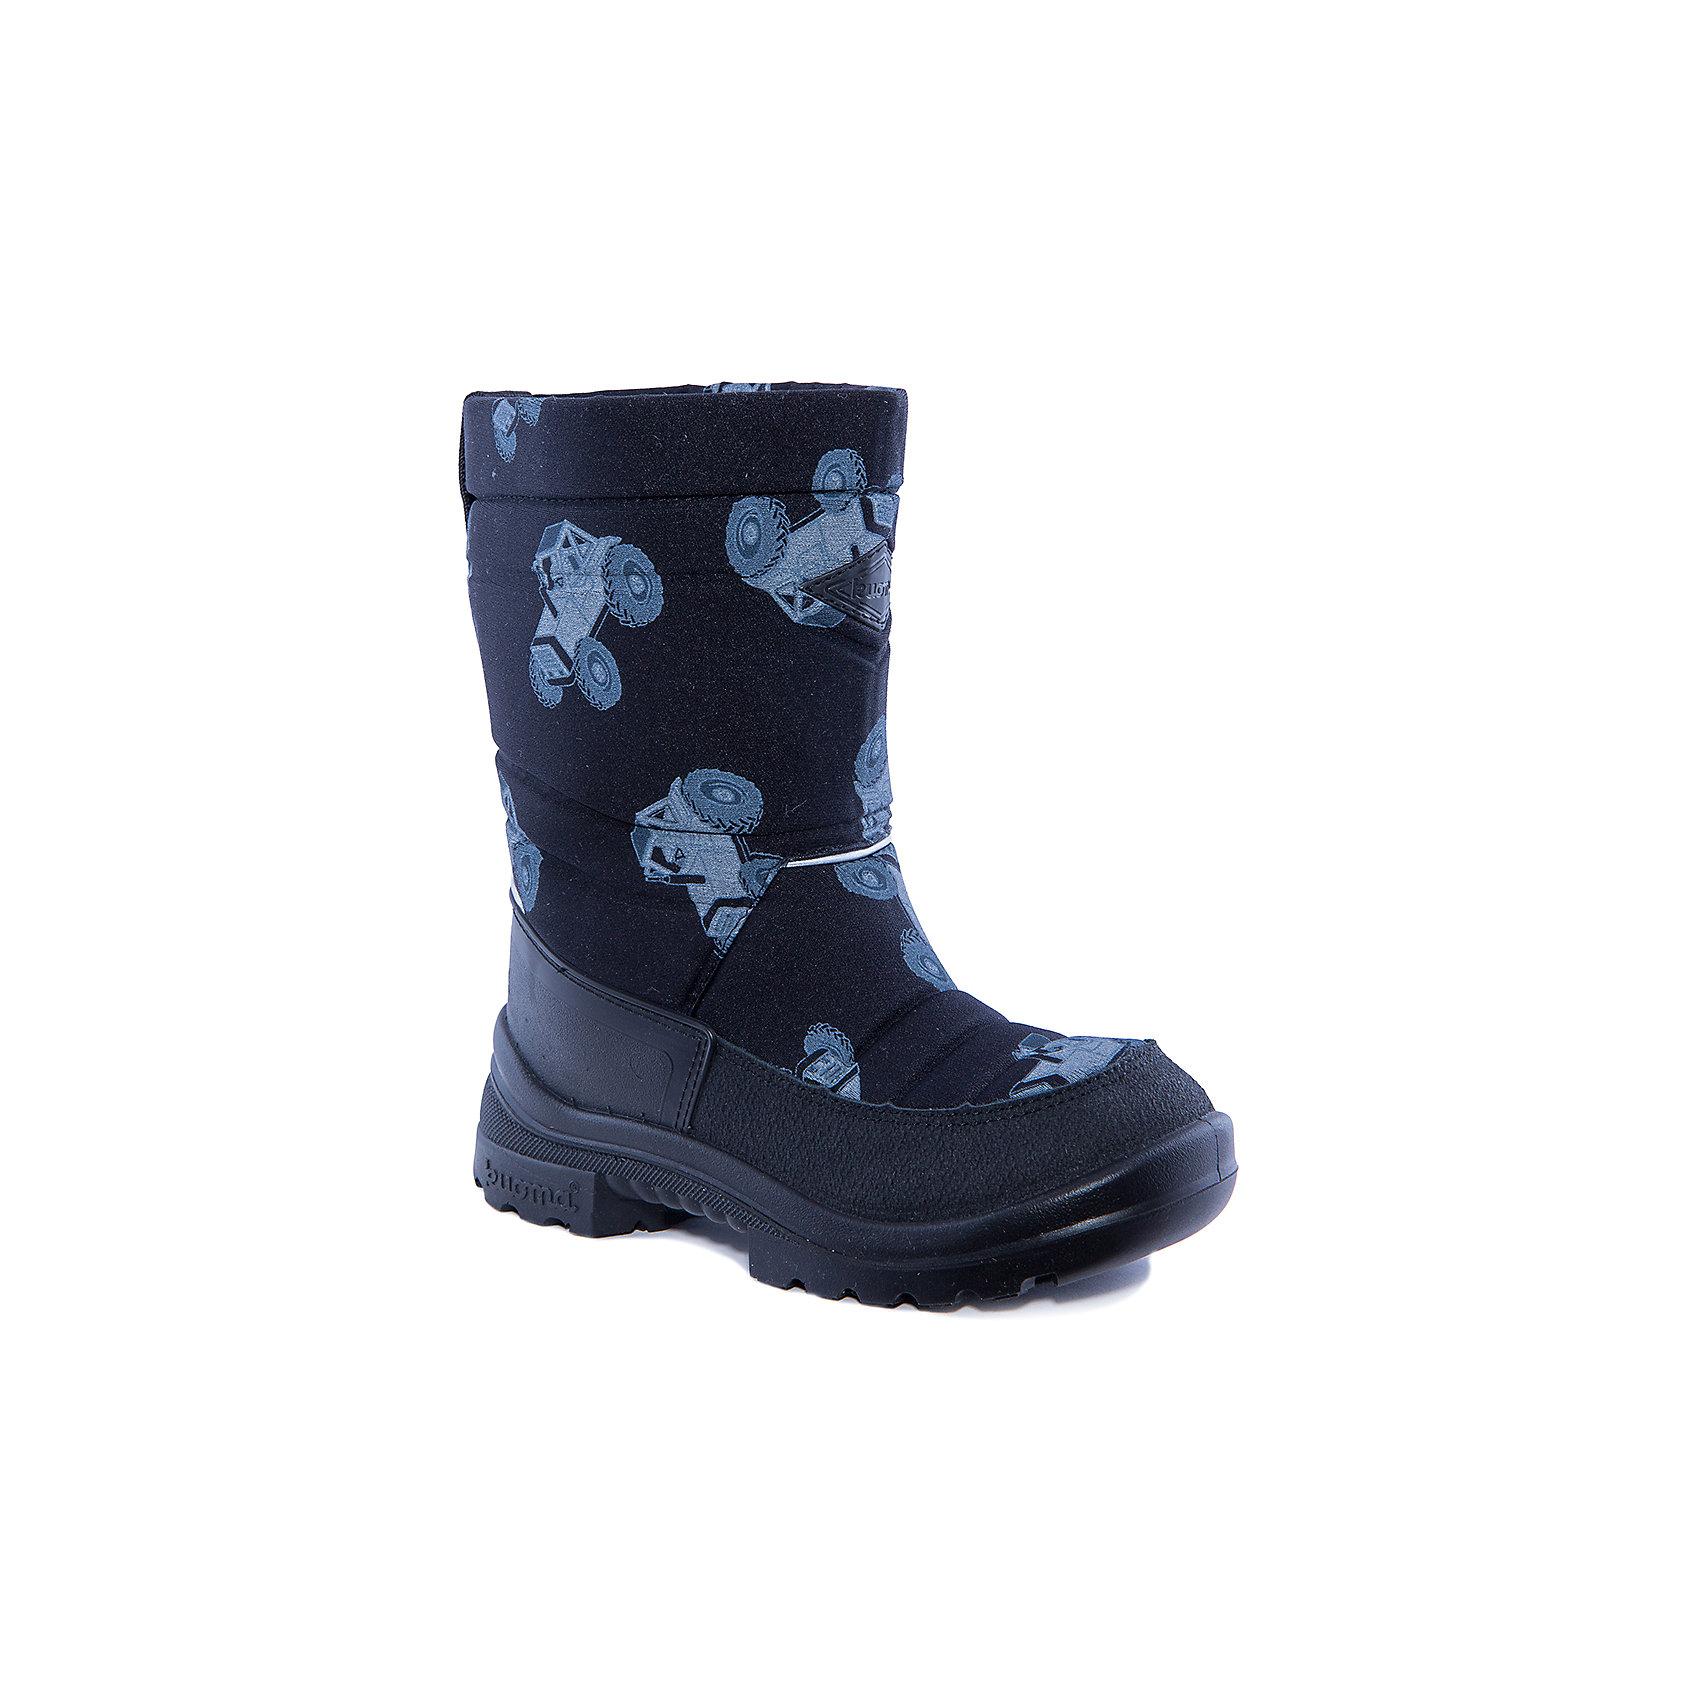 Зимние сапоги для мальчика KUOMAЗимние сапоги PUTKIVARSI от известного финского бренда kuoma® (Куома) исключительно теплые и очень удобные. Все изделия имеют крепкую амортизирующую подошву, которая «работает» даже в холодных зимних условиях. Кроме того, обувь снабжена сменными стельками и светоотражающими полосками в целях повышения безопасности. Матерчатый верх обуви проходят специальную противогрязевую и влагоотталкивающую обработку. Обувь kuoma® (Куома) подходит даже для самых холодных зим.     <br><br>Температурный режим: от - 5°C до - 30°C.<br><br>Состав:<br>Верх - триплированный, износостойкий, влагостойкий материал, стелька - иск/войлок, подошва - износостойкая, гибкая из полиуритана.Состав: <br>Материал верха: Полиамид с пропиткой.<br><br>Ширина мм: 257<br>Глубина мм: 180<br>Высота мм: 130<br>Вес г: 420<br>Цвет: черный<br>Возраст от месяцев: 15<br>Возраст до месяцев: 18<br>Пол: Мужской<br>Возраст: Детский<br>Размер: 22,36,24,28,31,32,37,38,30,35,23,34,33,29,27,26,25<br>SKU: 3326859